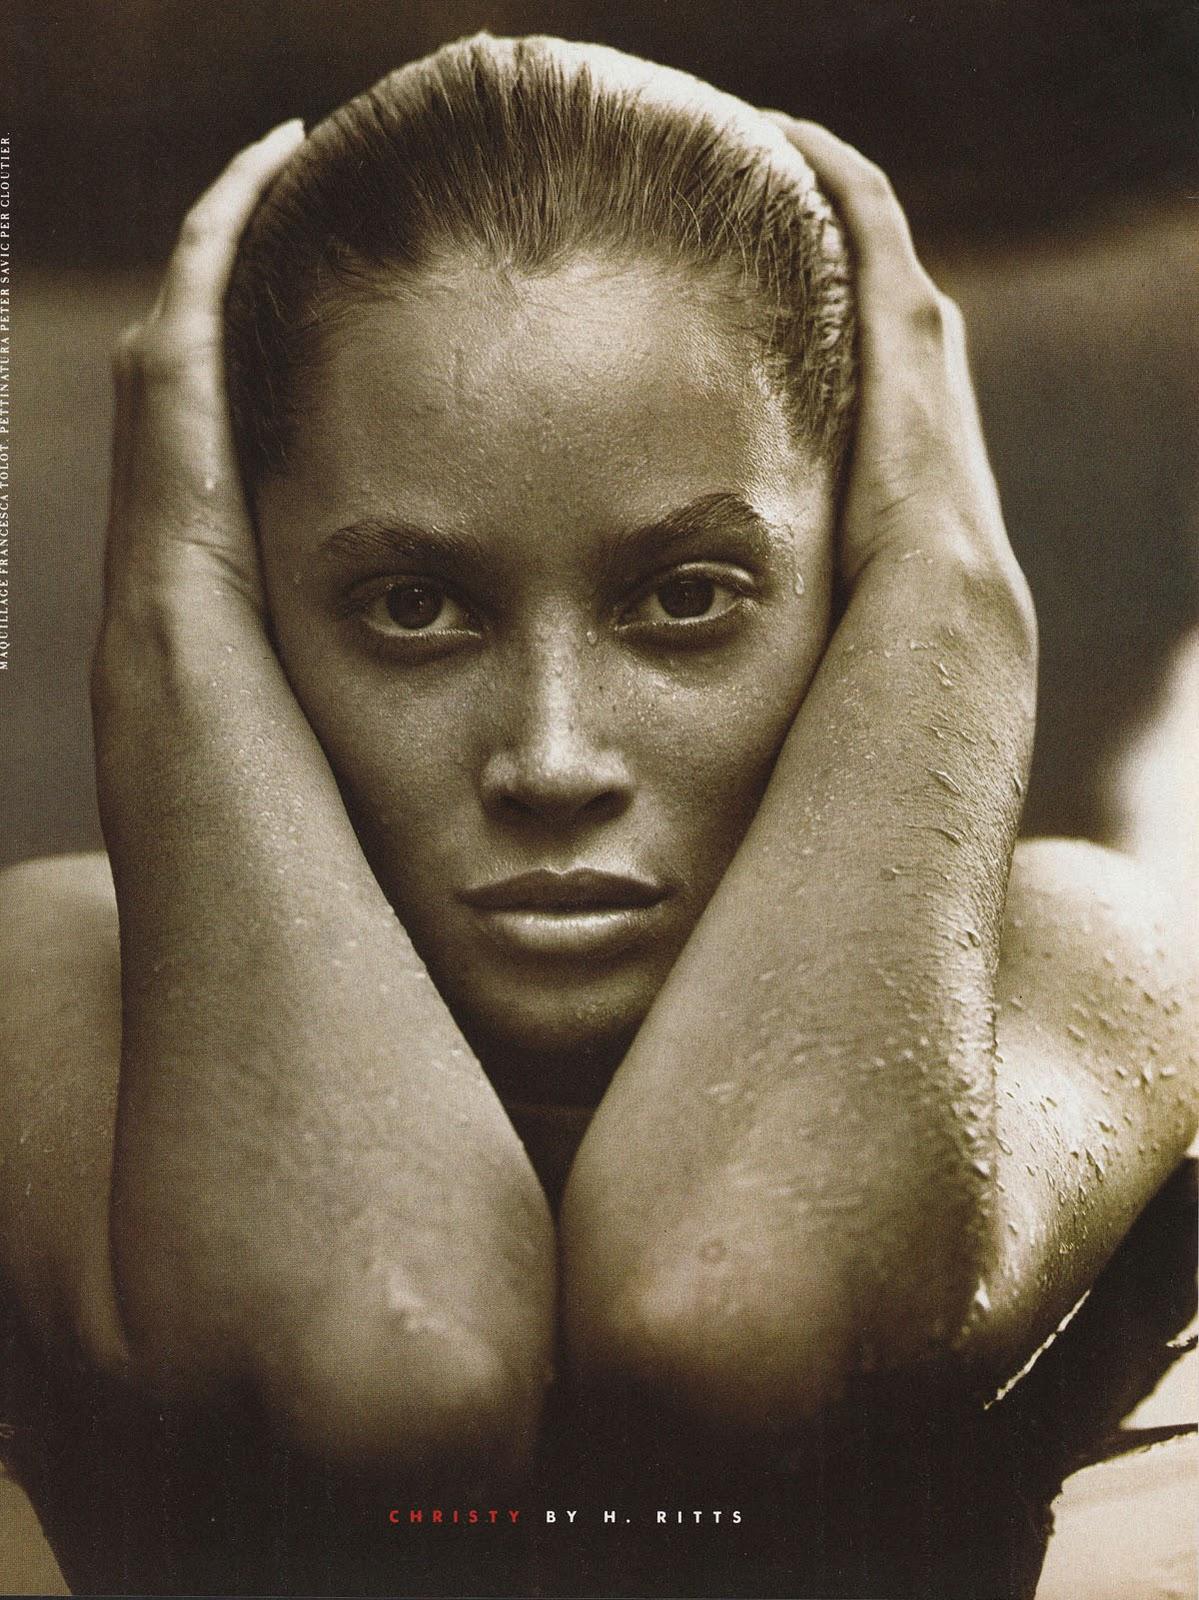 http://1.bp.blogspot.com/_fVYegcFiyX8/TPOexX8ynFI/AAAAAAAAAGU/BTx7H59Cpxk/s1600/Christy+Turlington+Vogue+Italia+Ritts.jpg